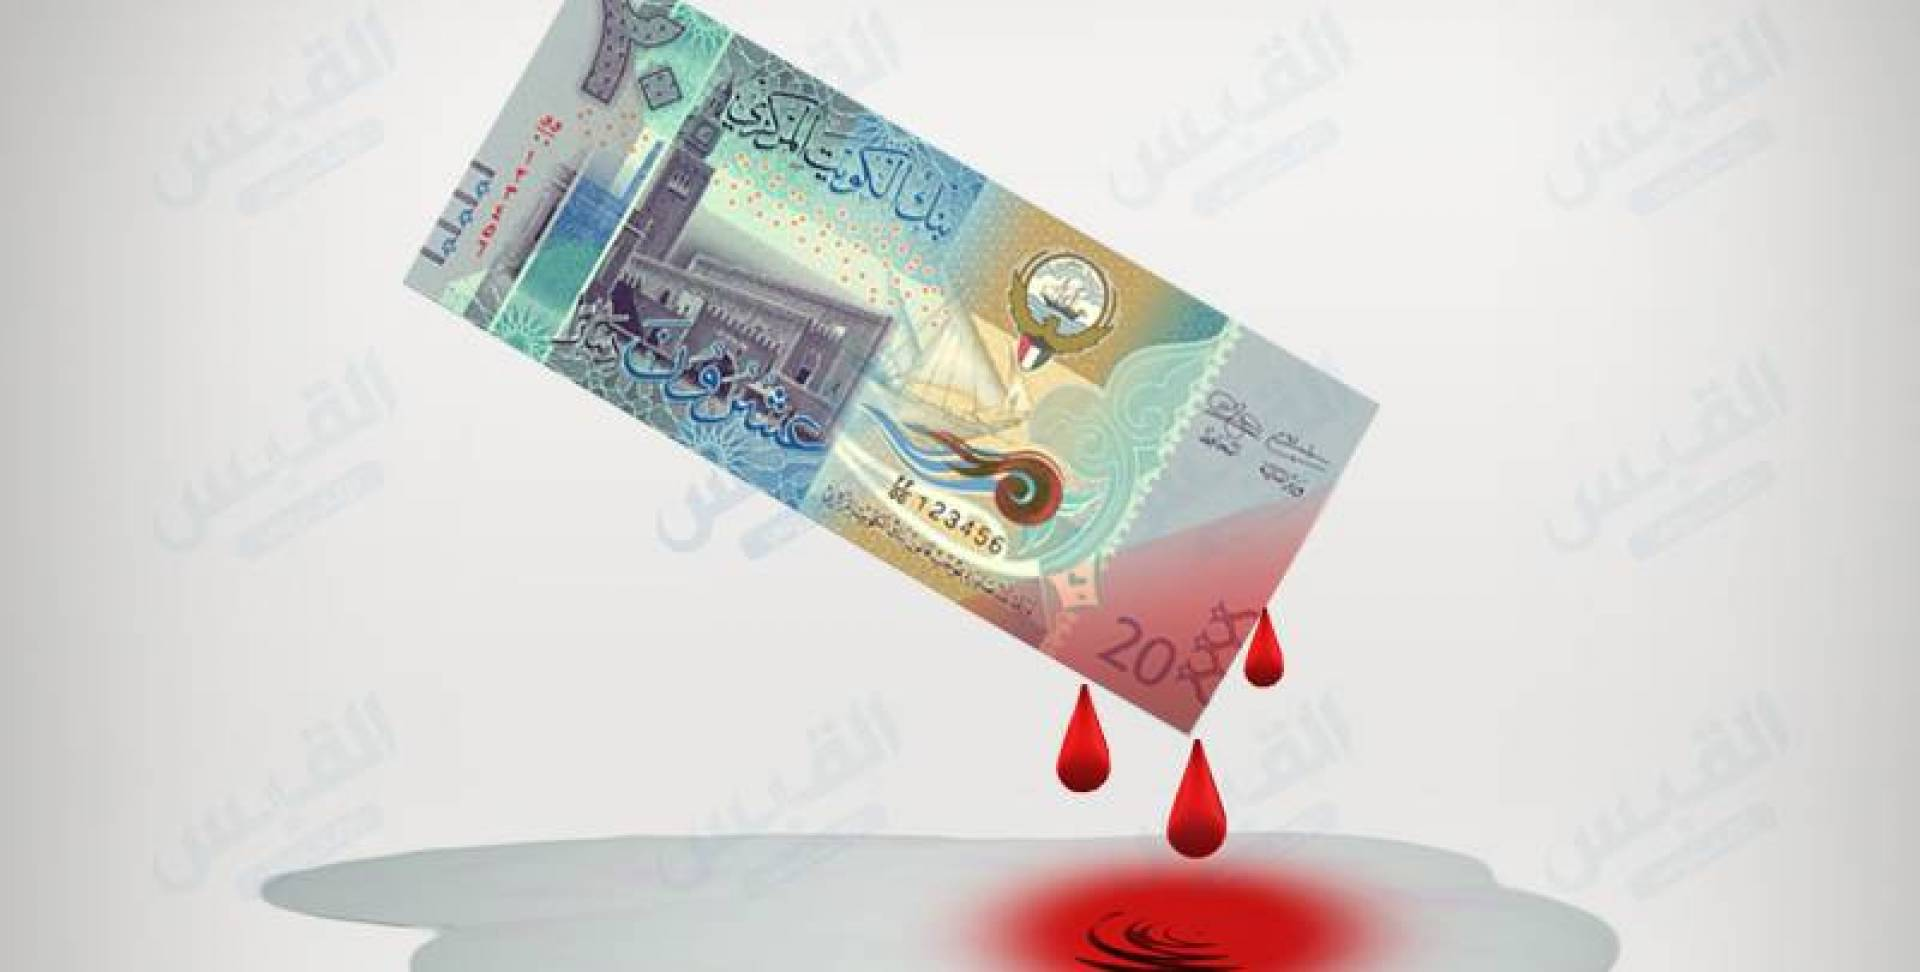 الاحتياطي العام ينزف 27 مليار دينار